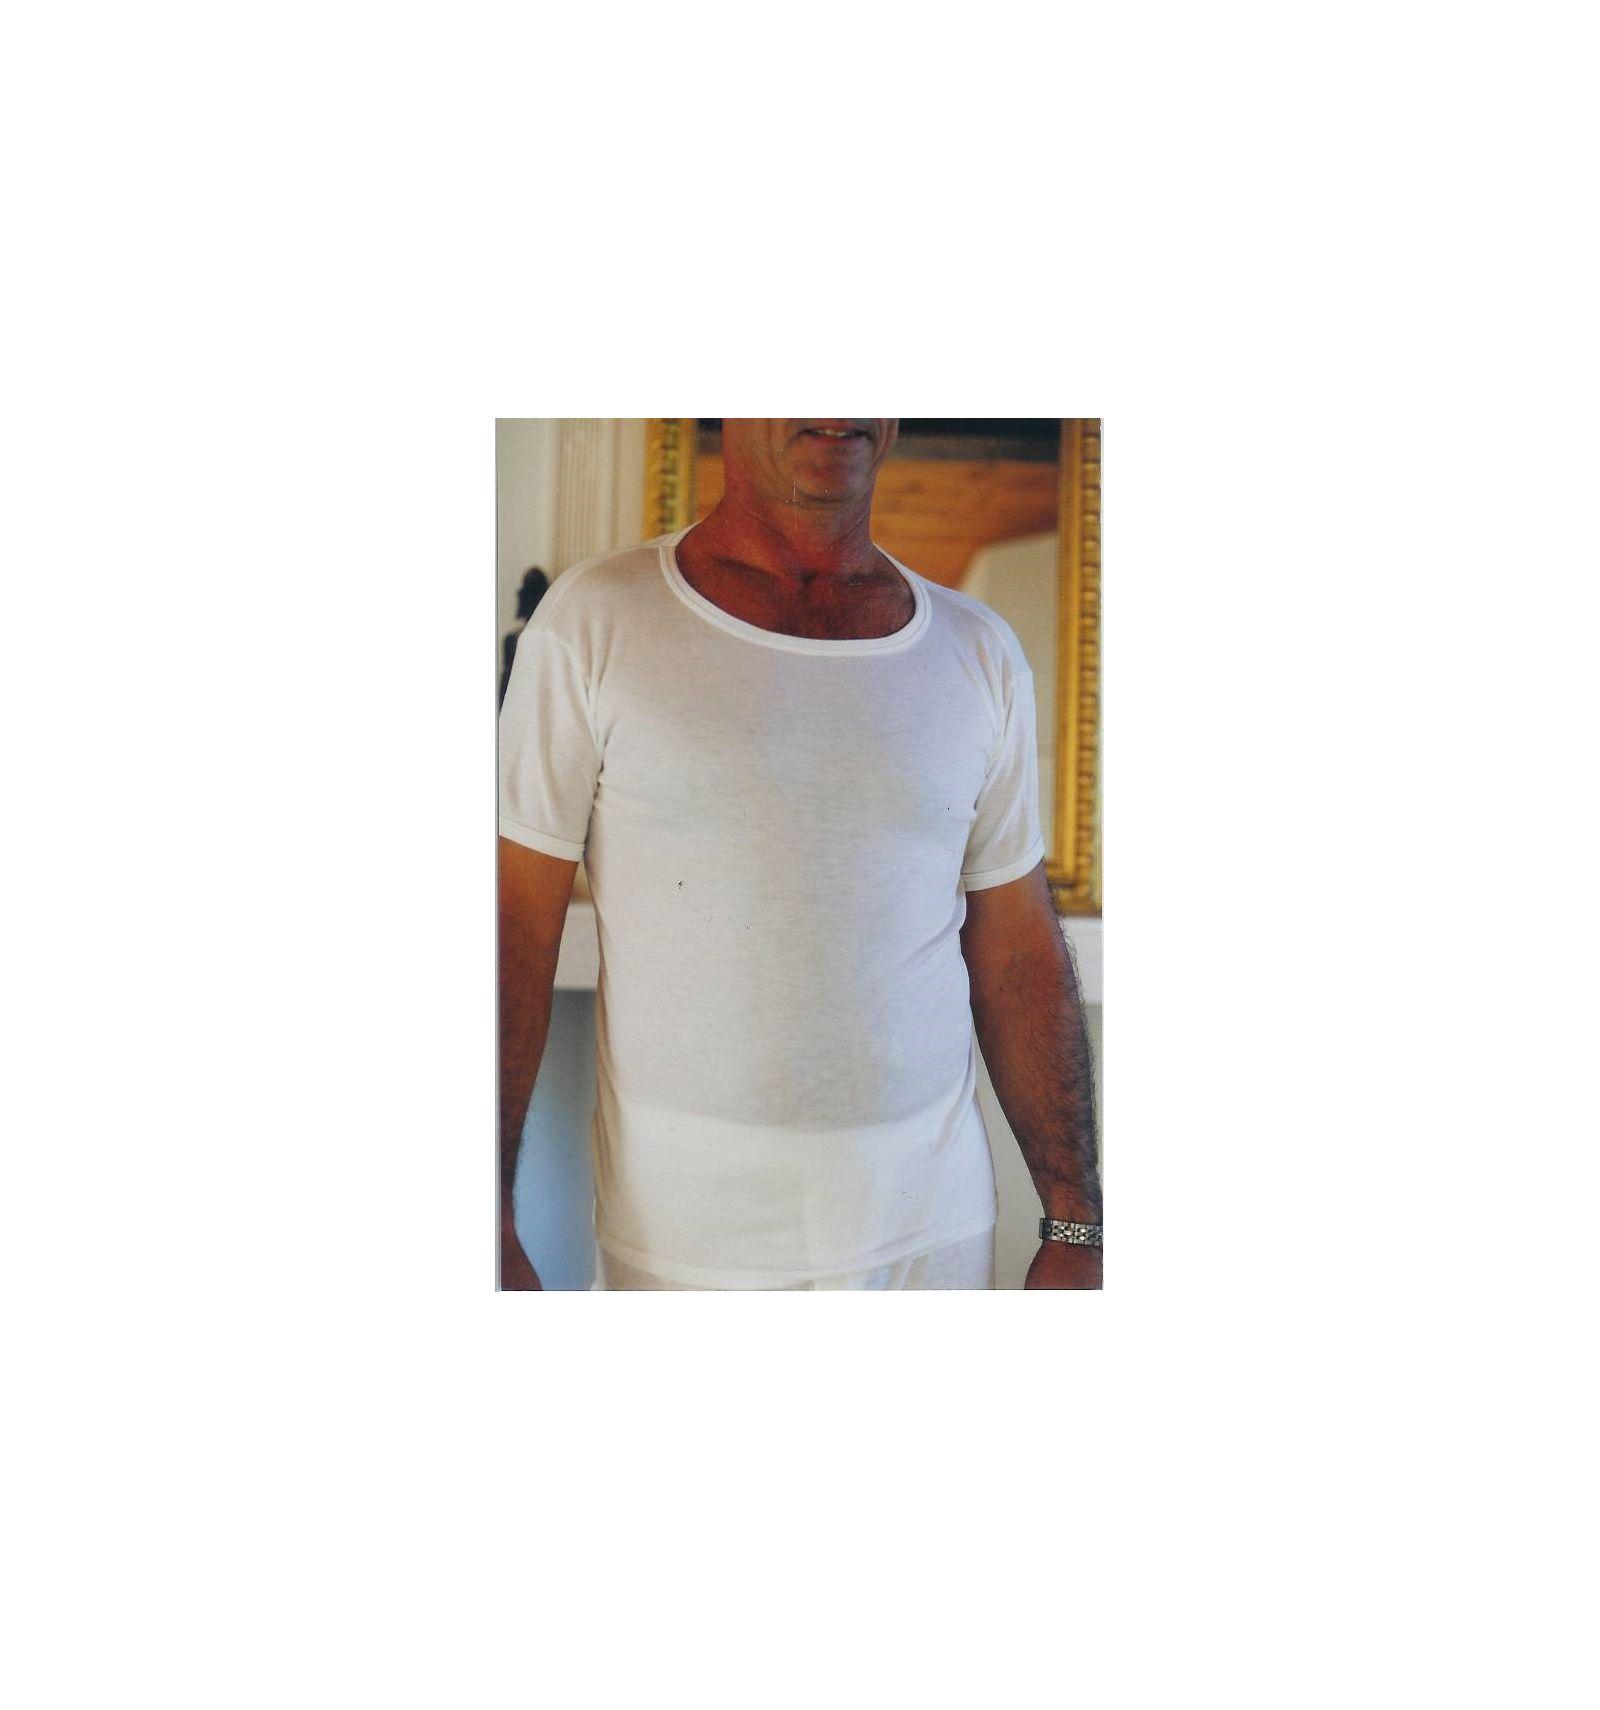 maillot de corps homme 100 coton papillon bleu sp cialiste des v tements pour personnes g es. Black Bedroom Furniture Sets. Home Design Ideas